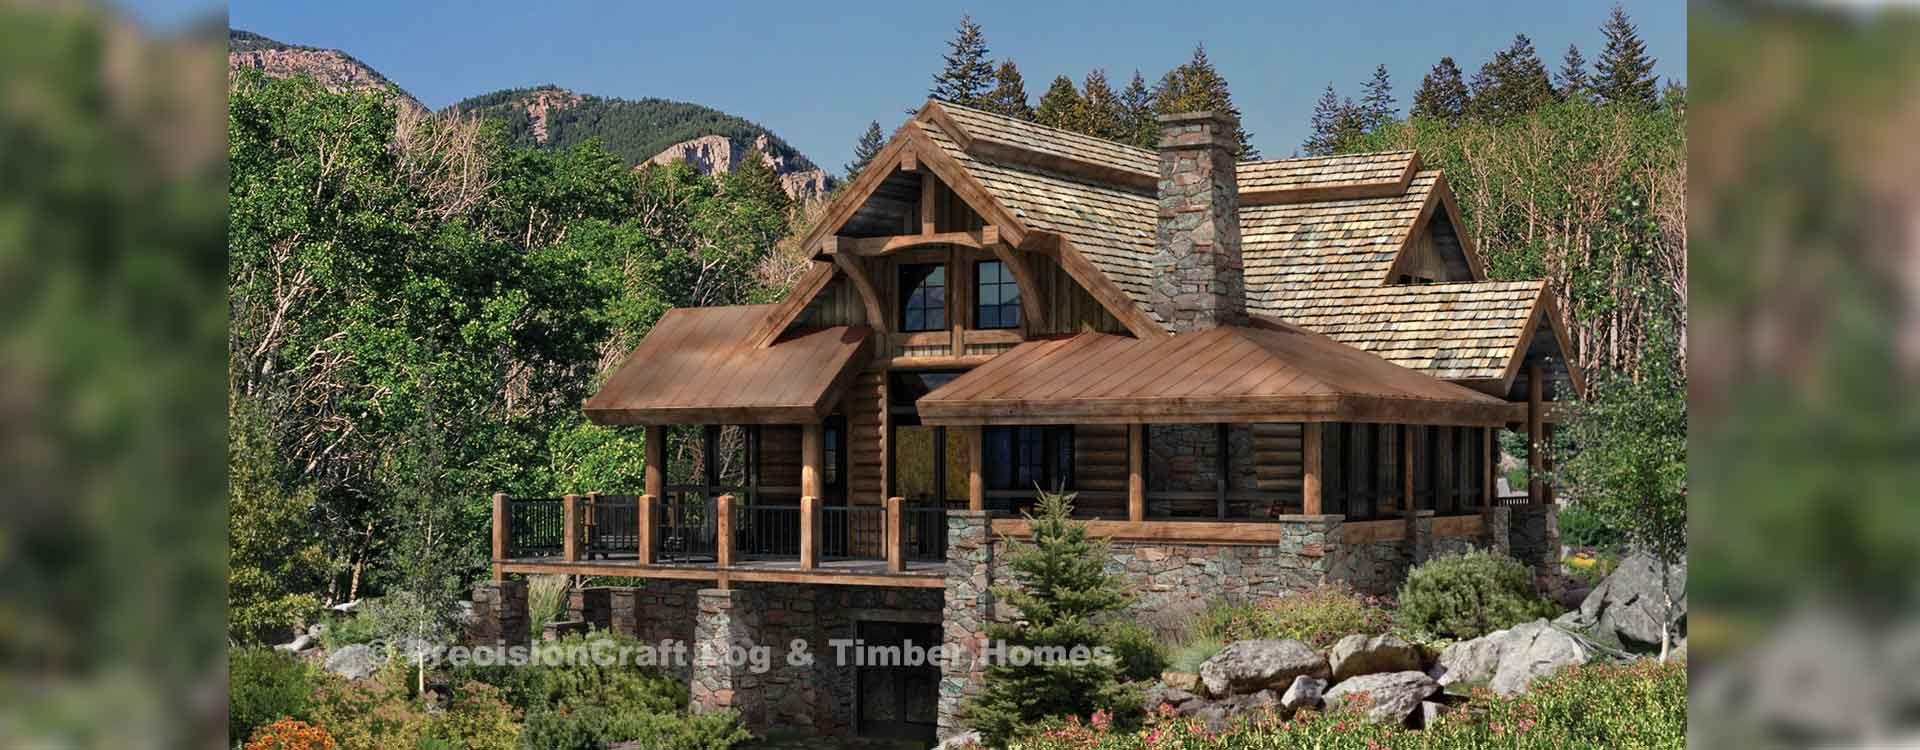 Alberbrook Rendering Log Home Floor Plans House Designs